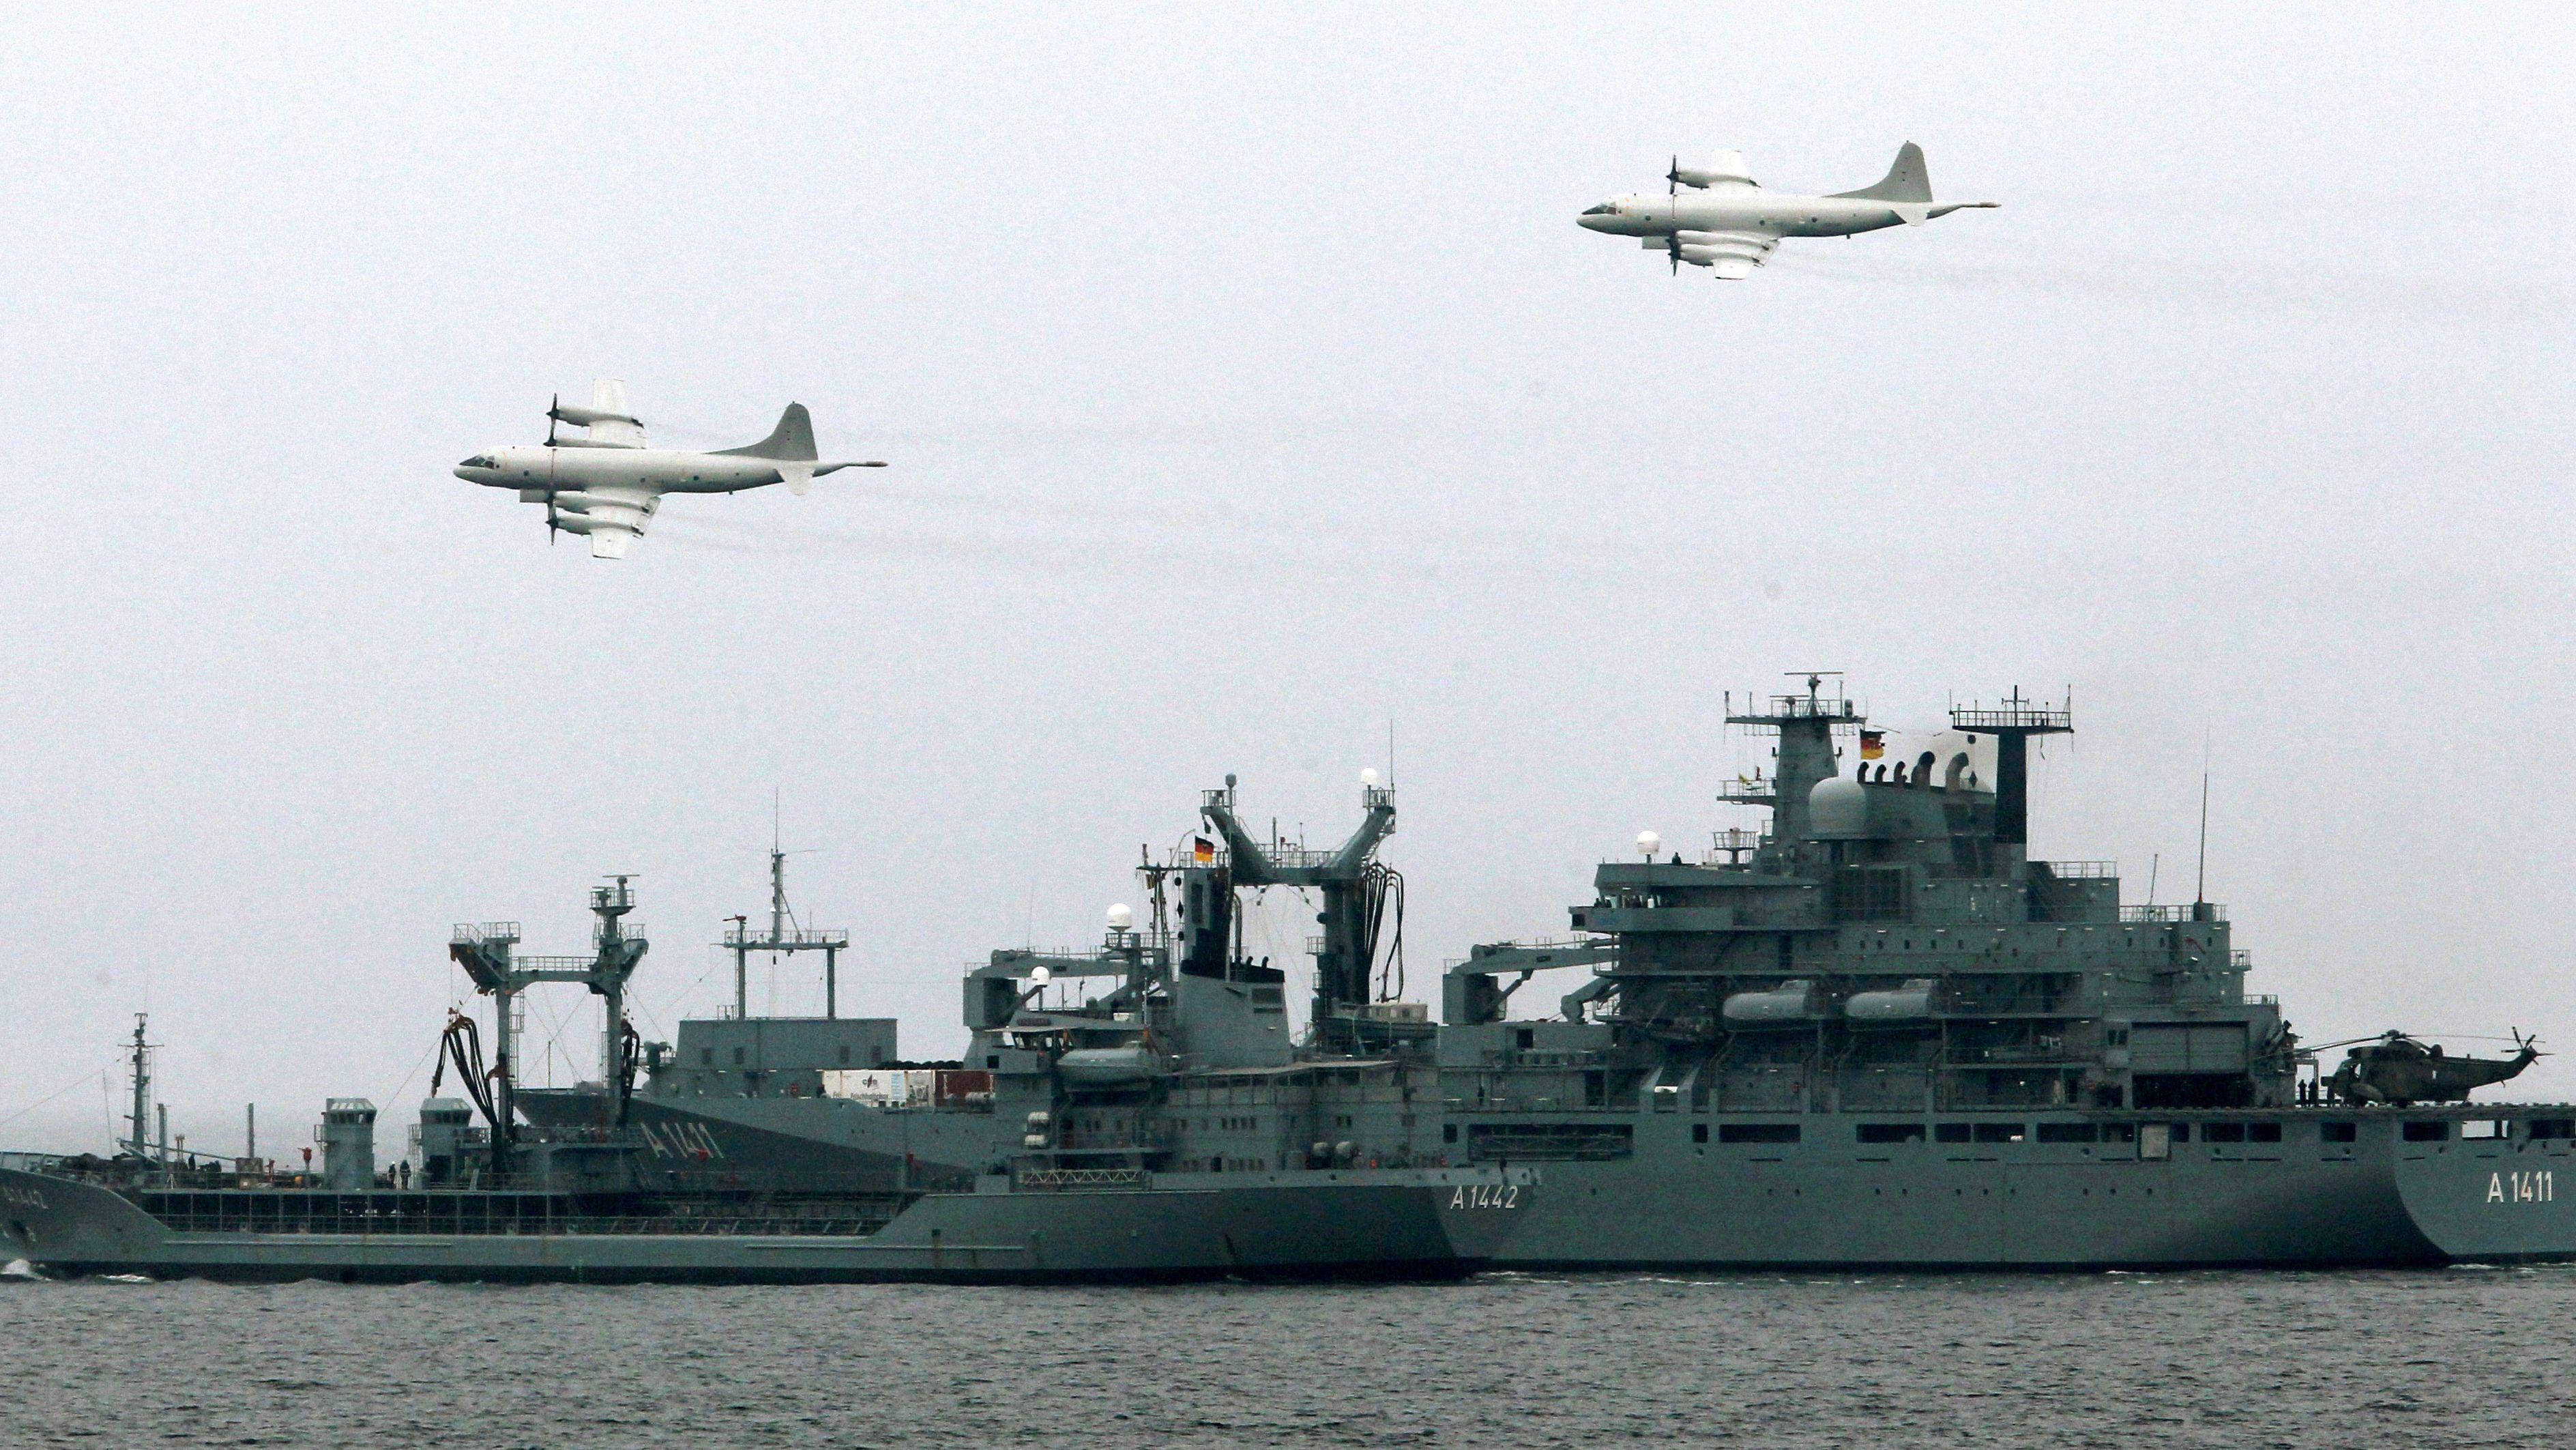 Zwei Fernaufklärungsflugzeuge vom Typ P3C-Orion, wie sie nun bei der EU-Mission IRINI zum Einsatz kommen.